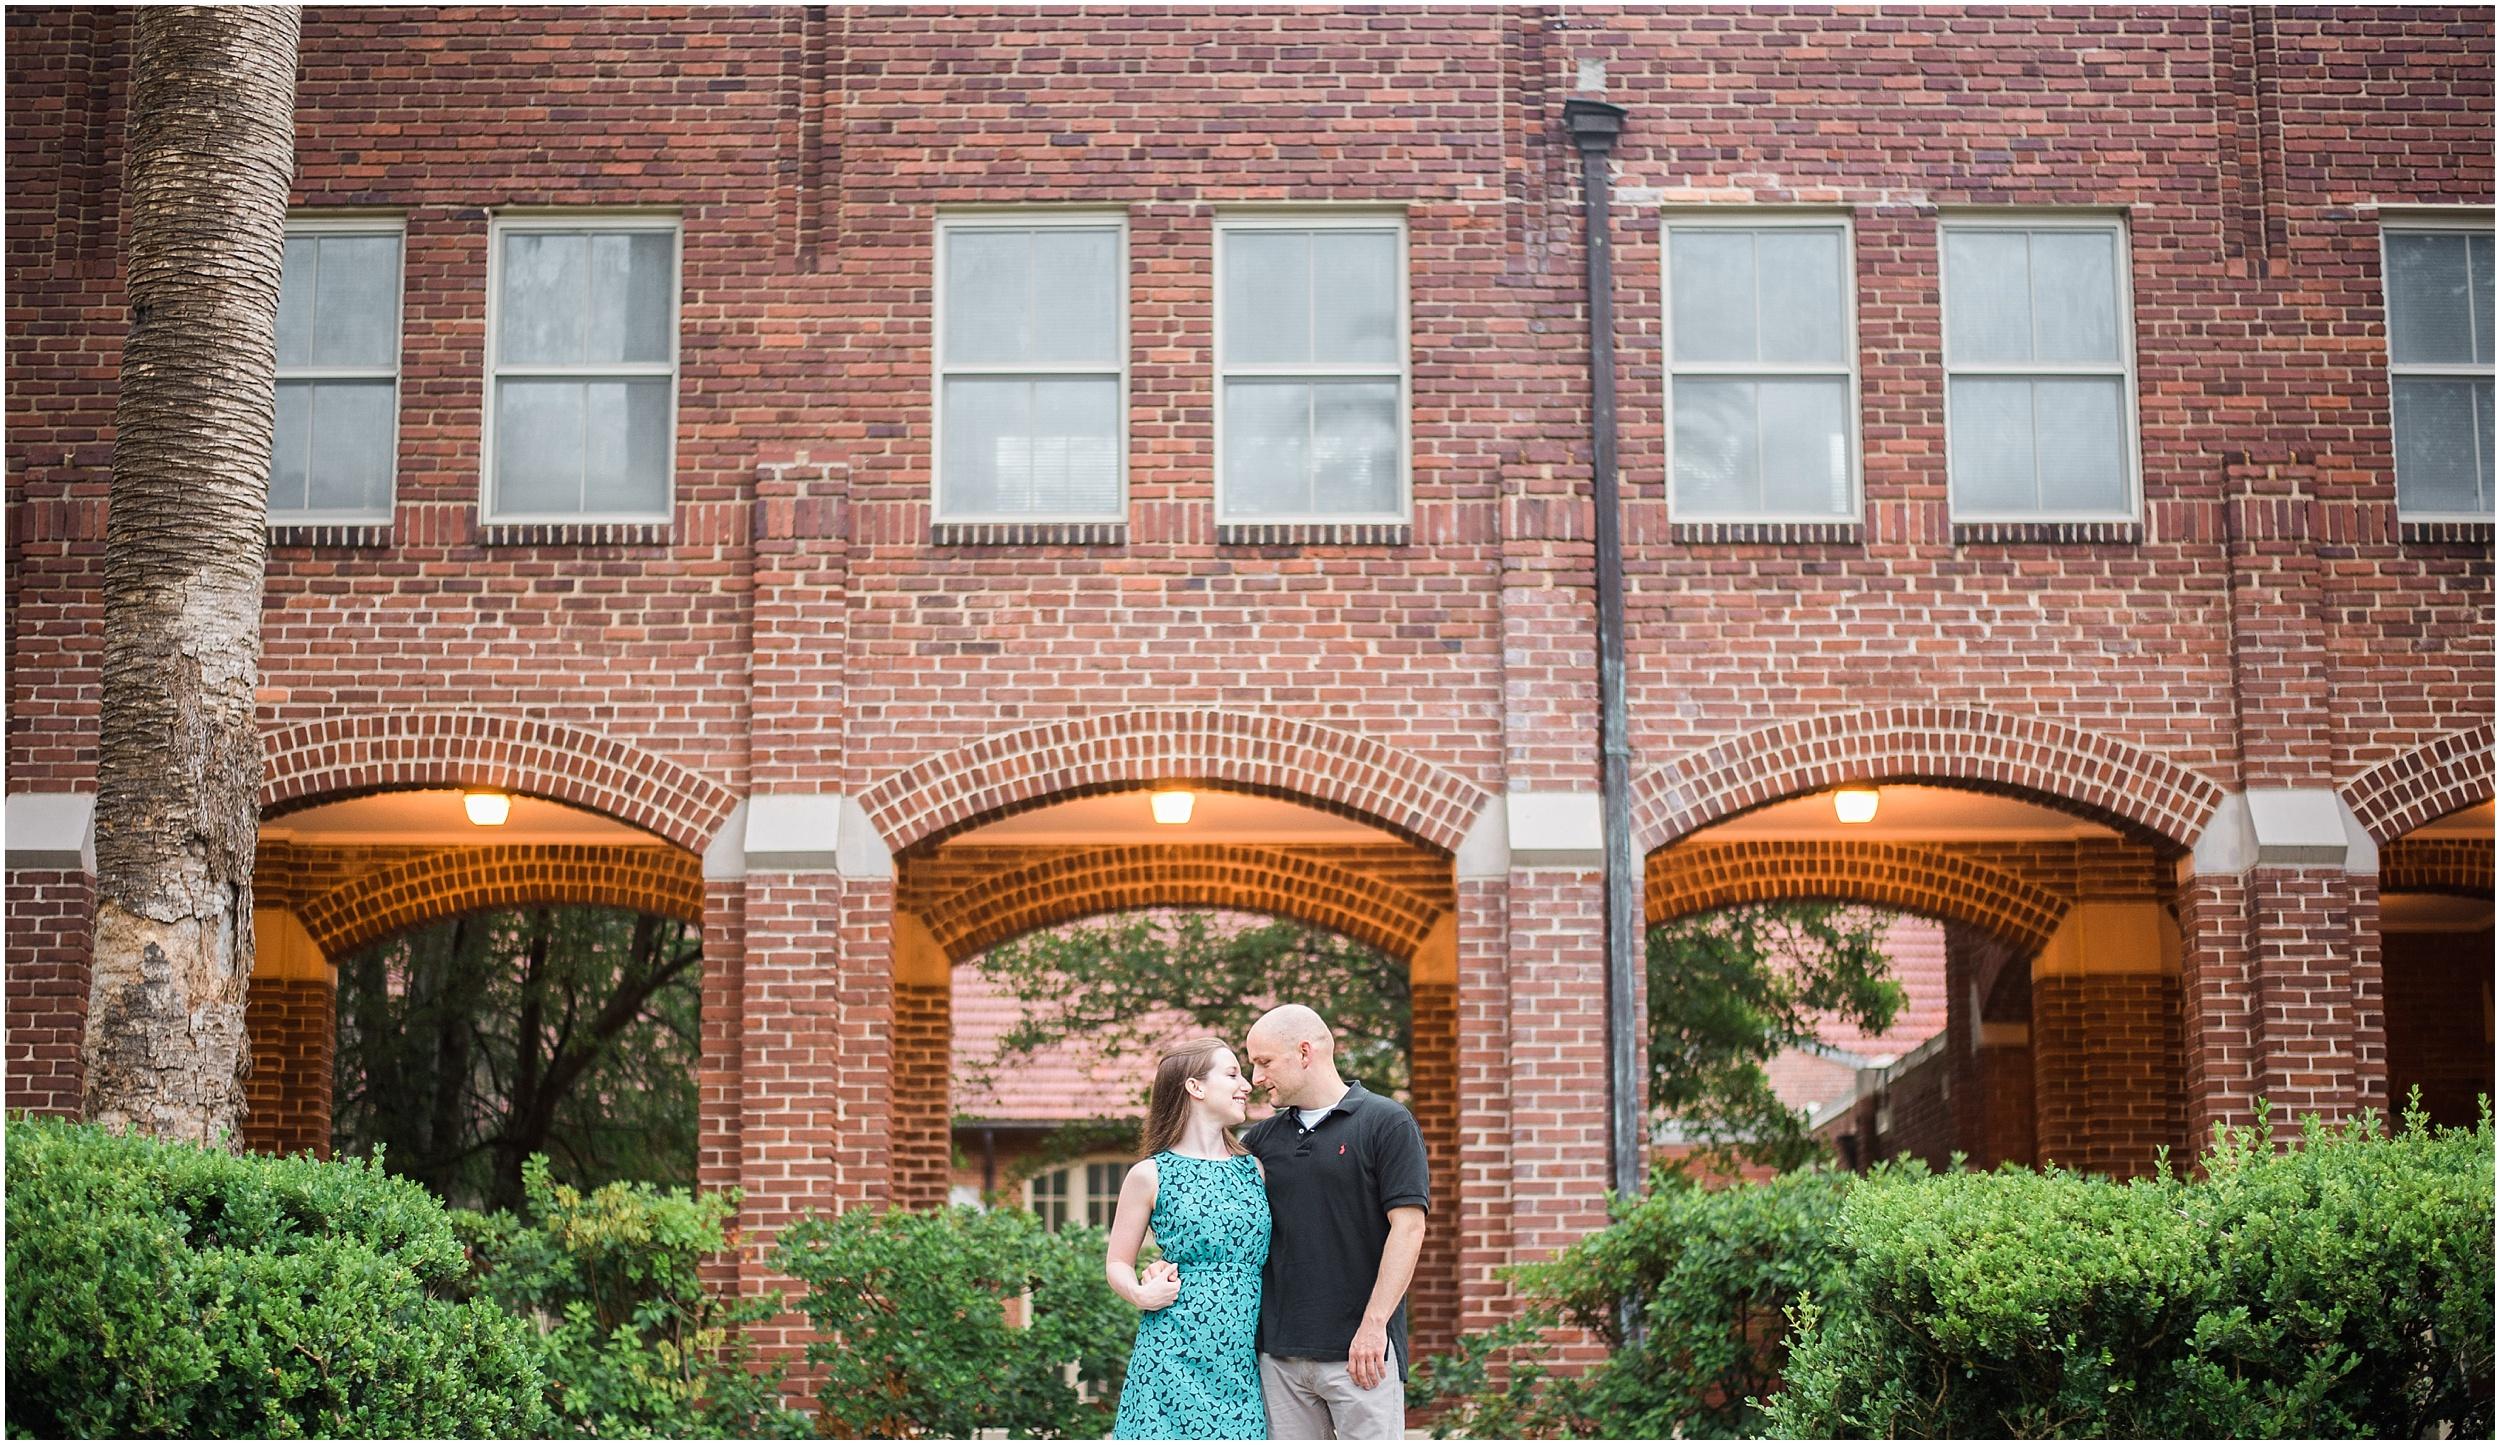 Karen & David Engagement, Florida State University_0016.jpg